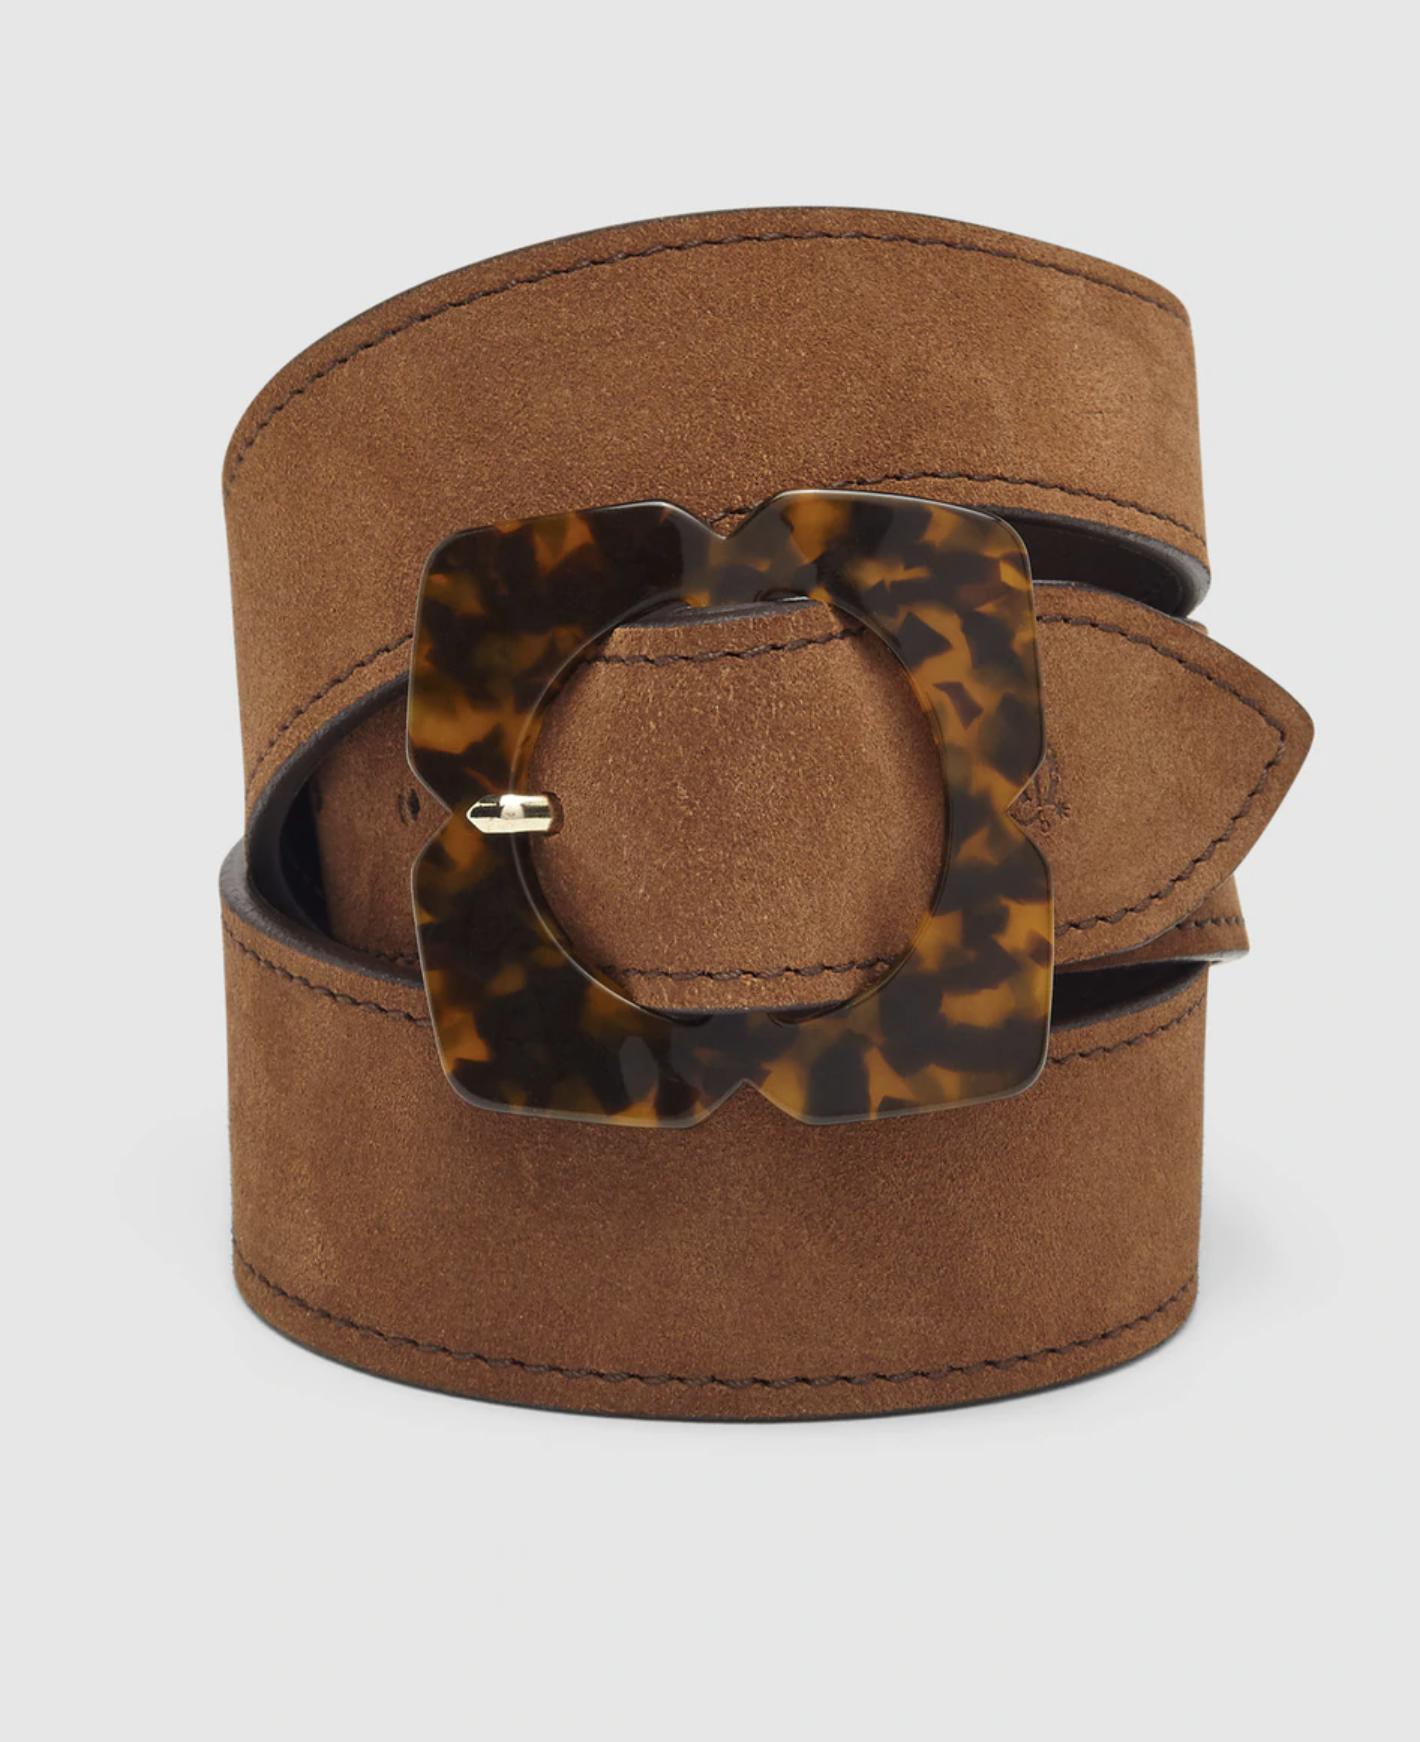 Cinturón de mujer El Caballo de piel serraje en tono camel con hebilla carey